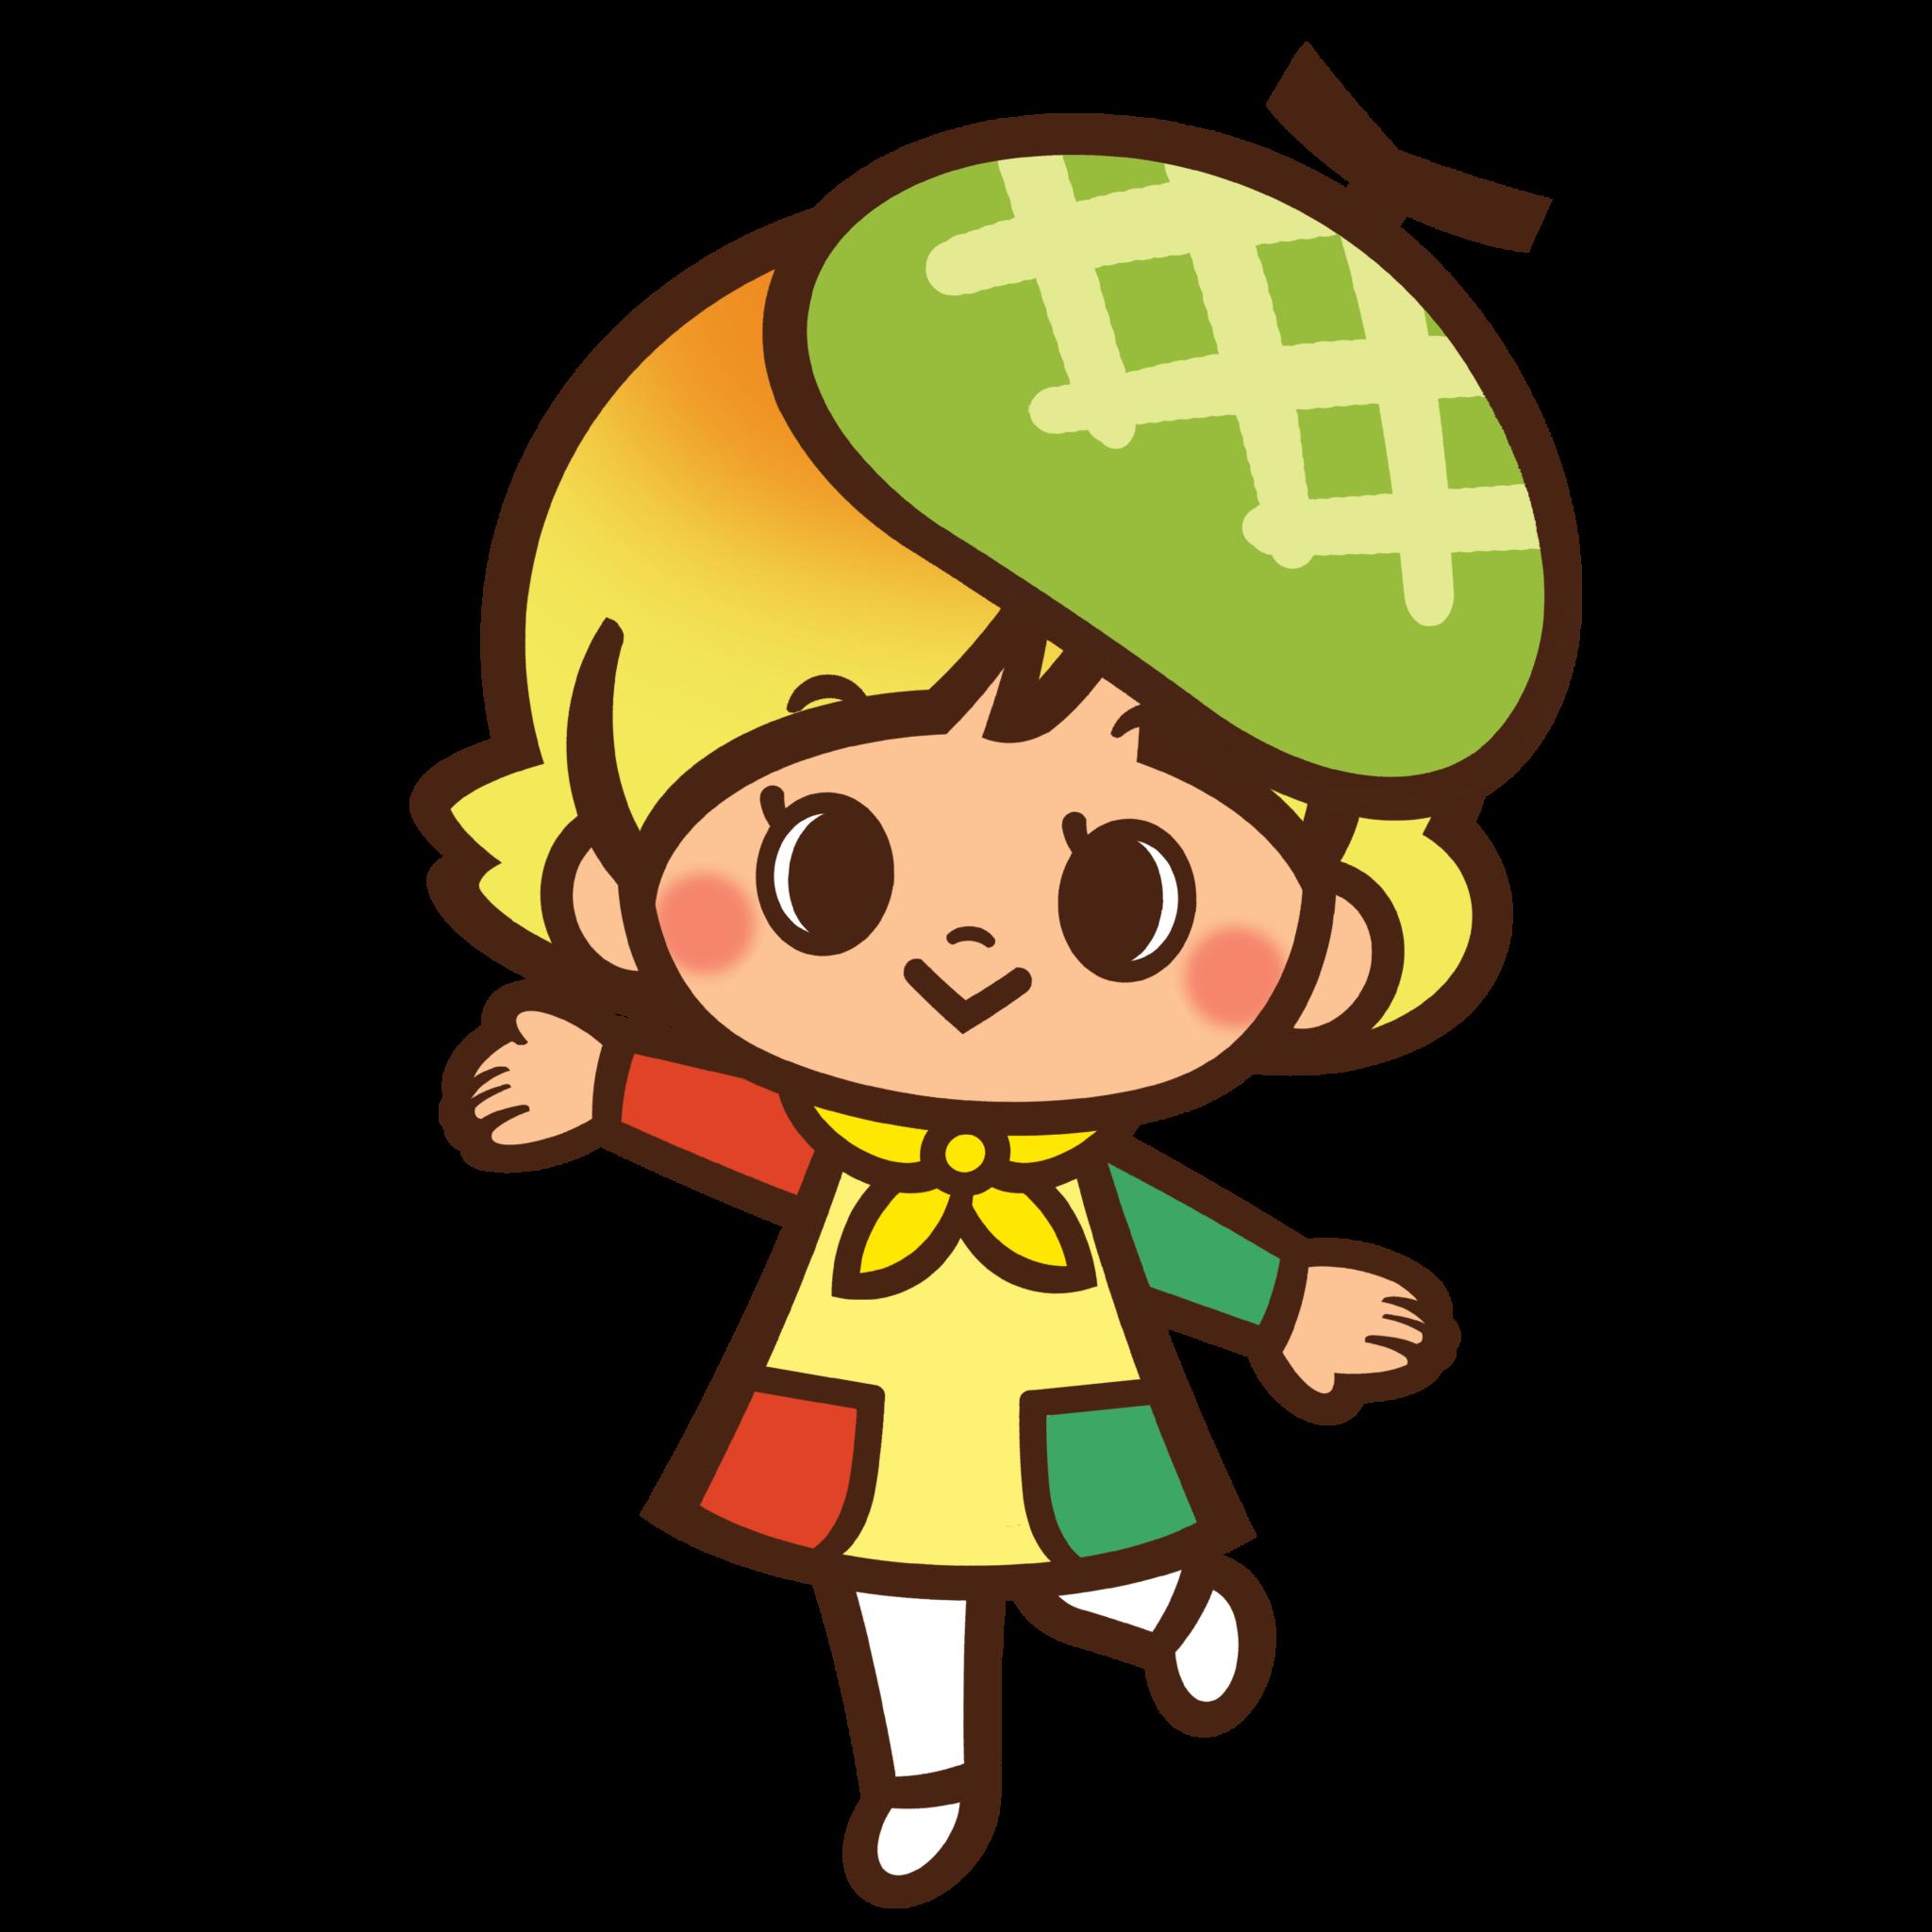 character_melonpanhoikuen_melon